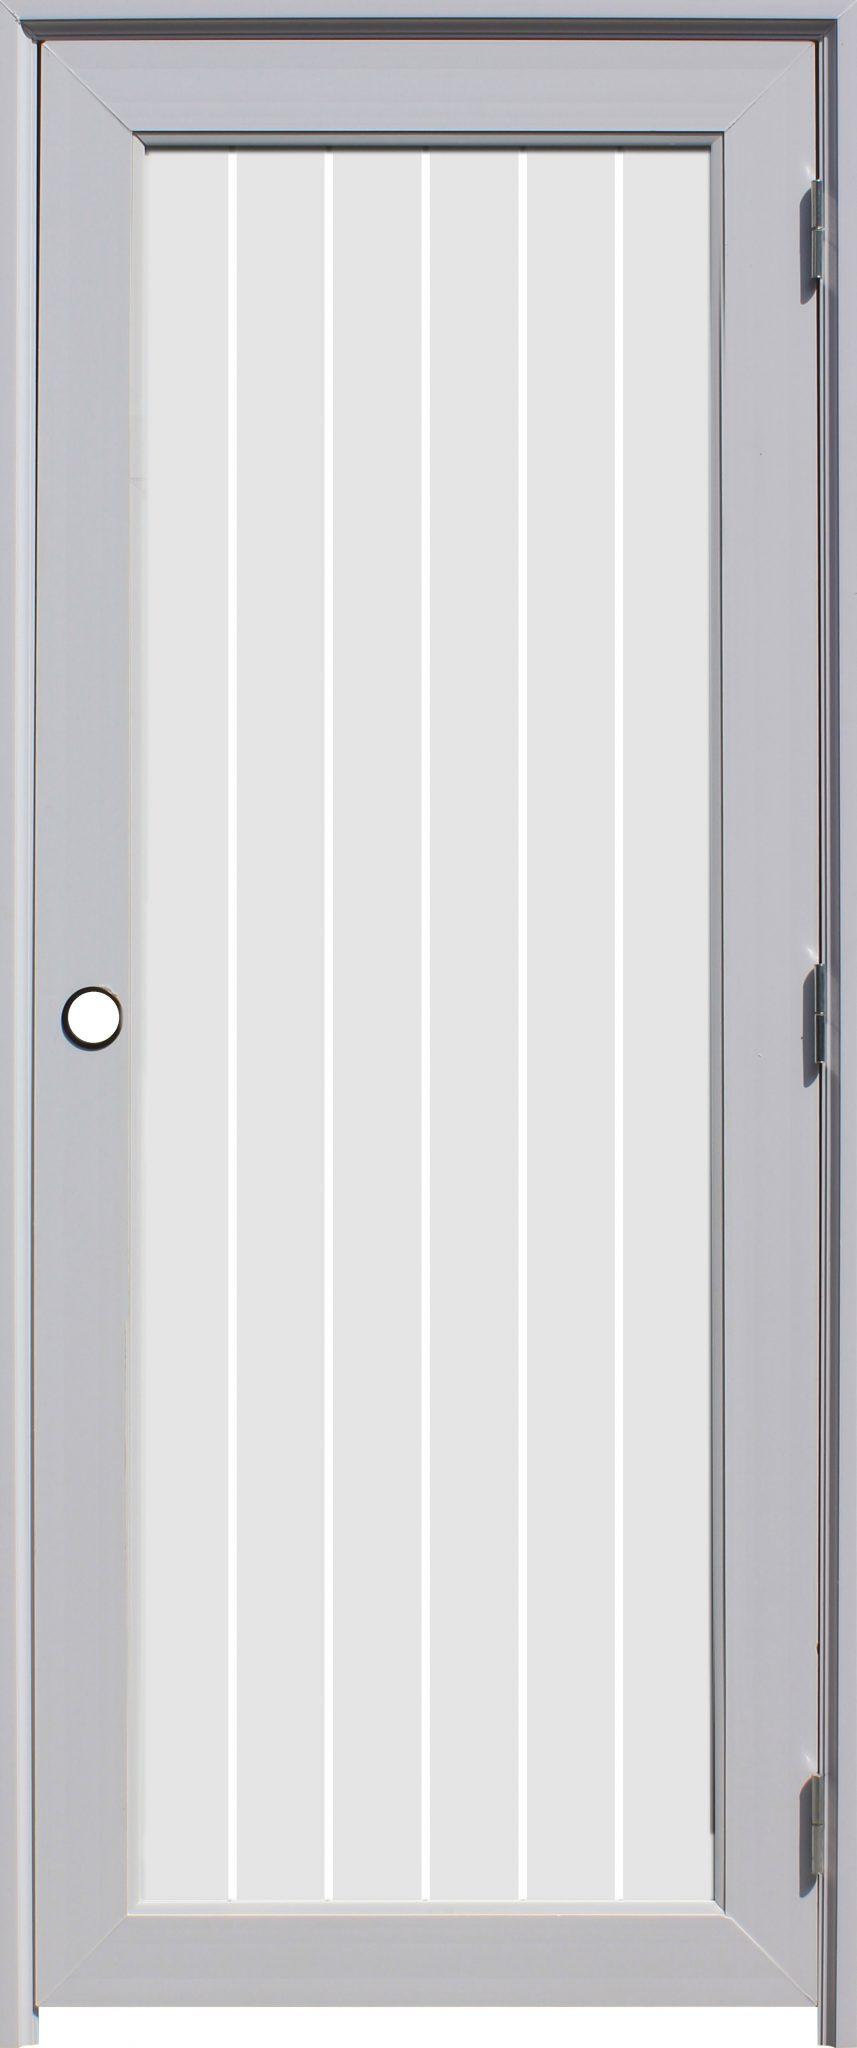 ประตู รุ่น GS-1